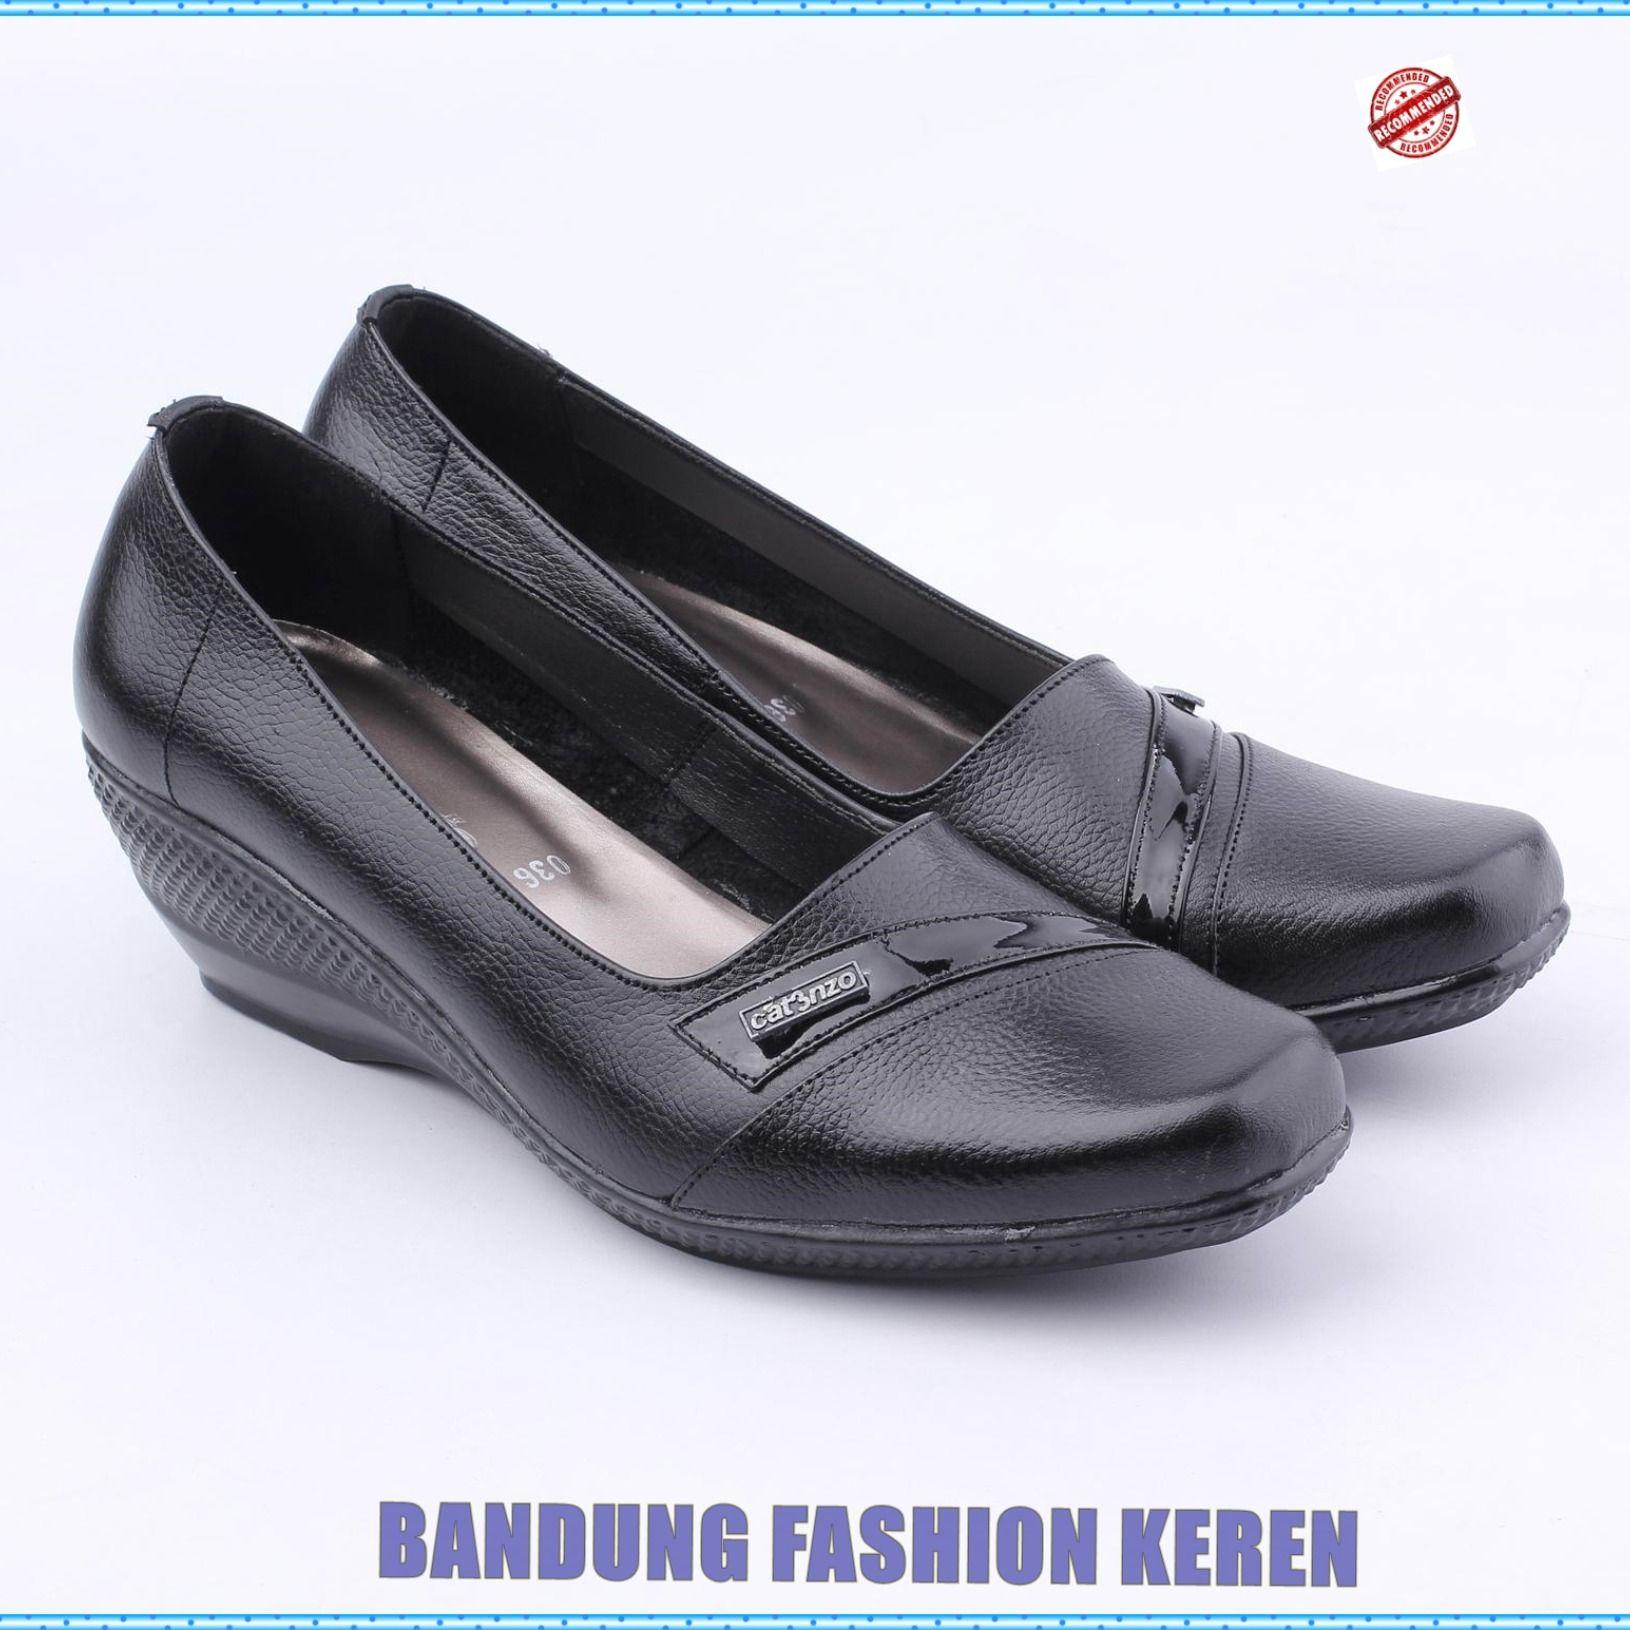 Sepatu Formil Wanita Us 036 Produk Fashion Handmade Terbaik 100 Persen Asli Produk Indonesia Asal Bandung Kota Paris Van Java Produk Te Sepatu Hitam Wanita